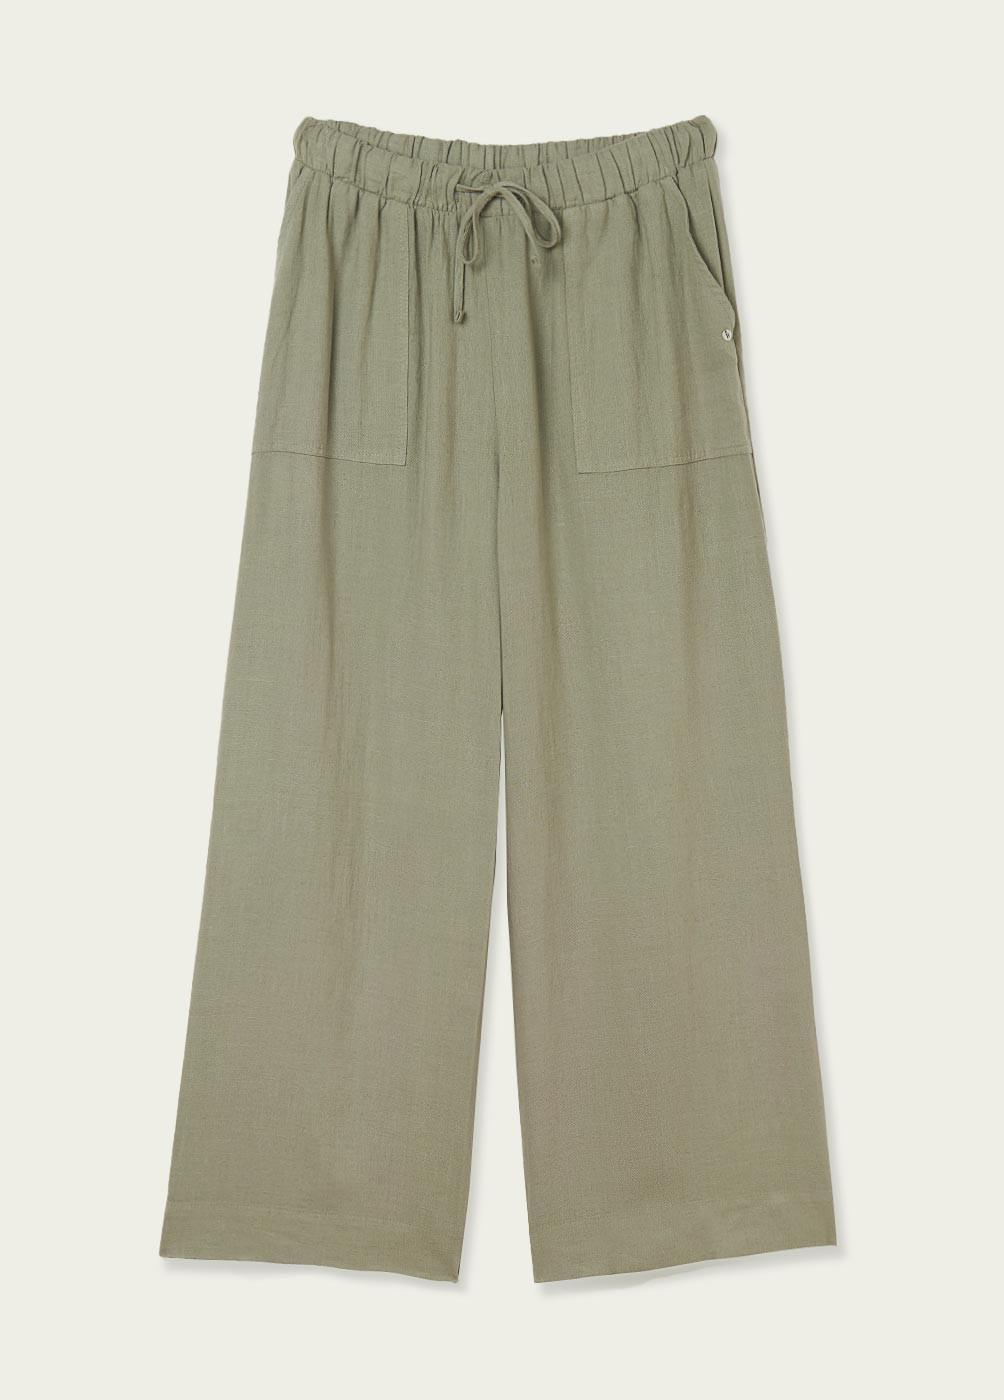 Pantalon Sam Lino  - 10